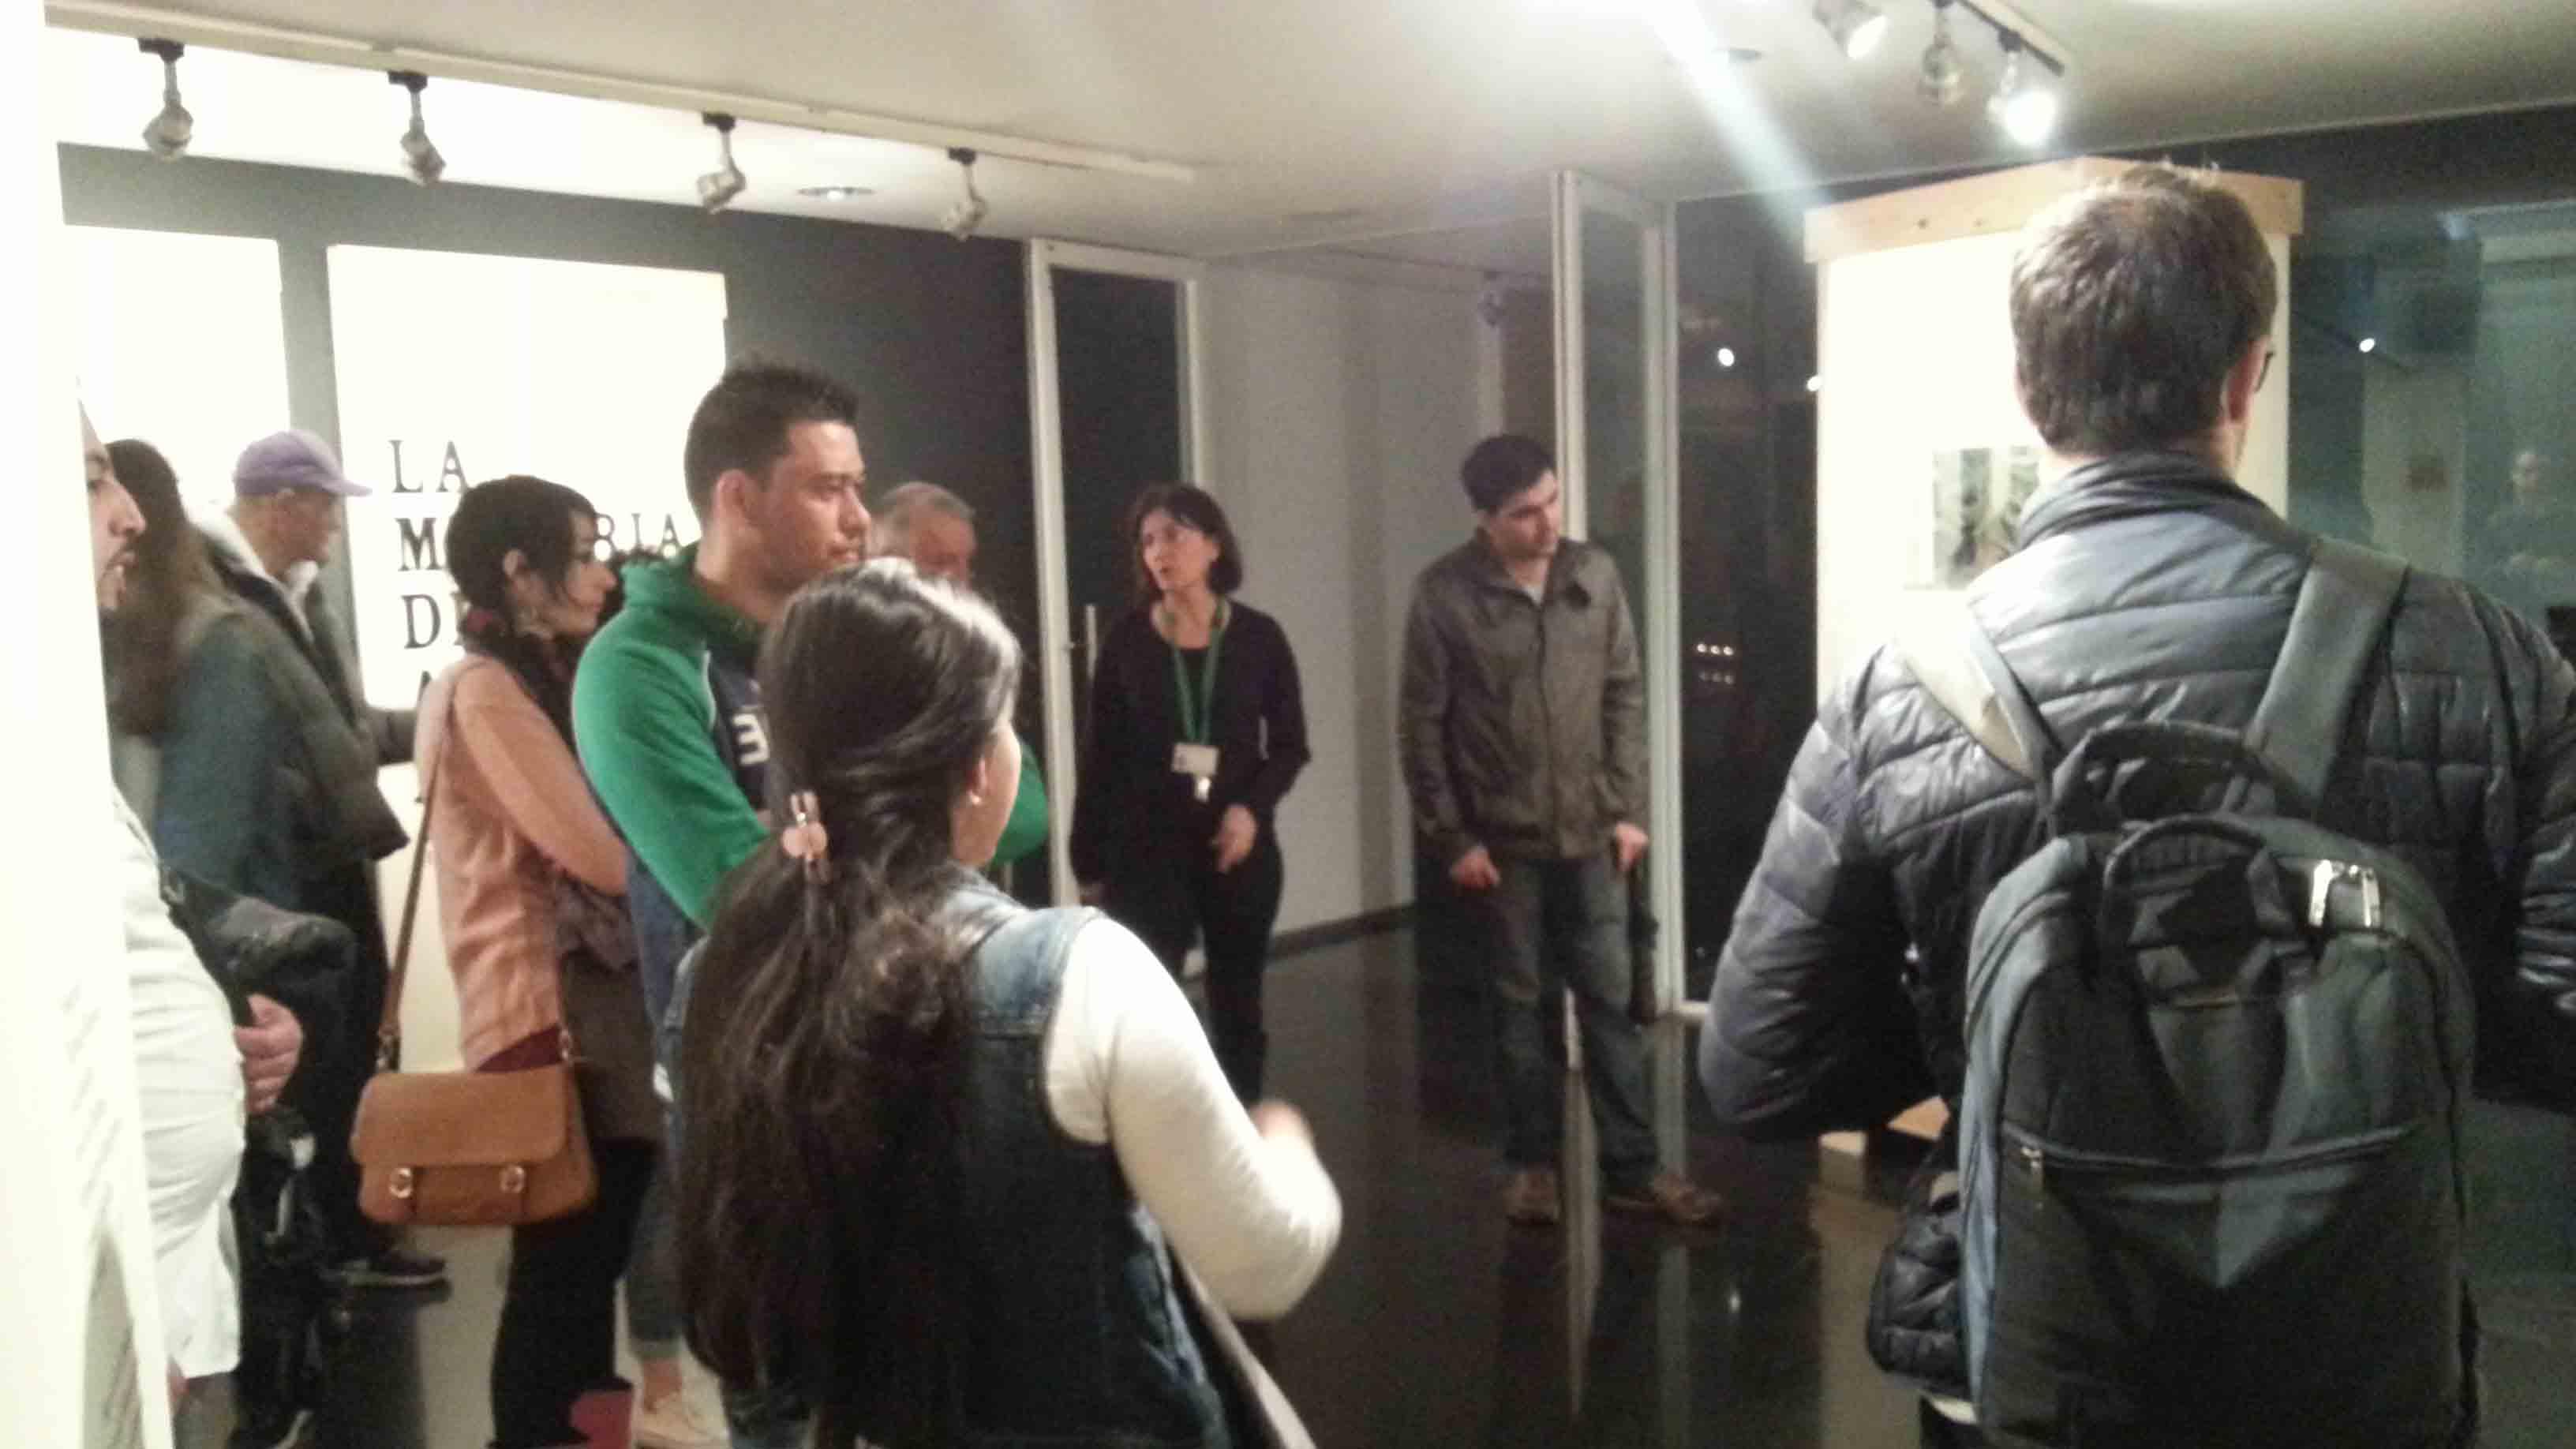 Visita del el grup de català del Pla d'Acollida Poble-sec per a Tothom a l'exposició La memòria de les arts efímeres, 1 d'abril de 2016